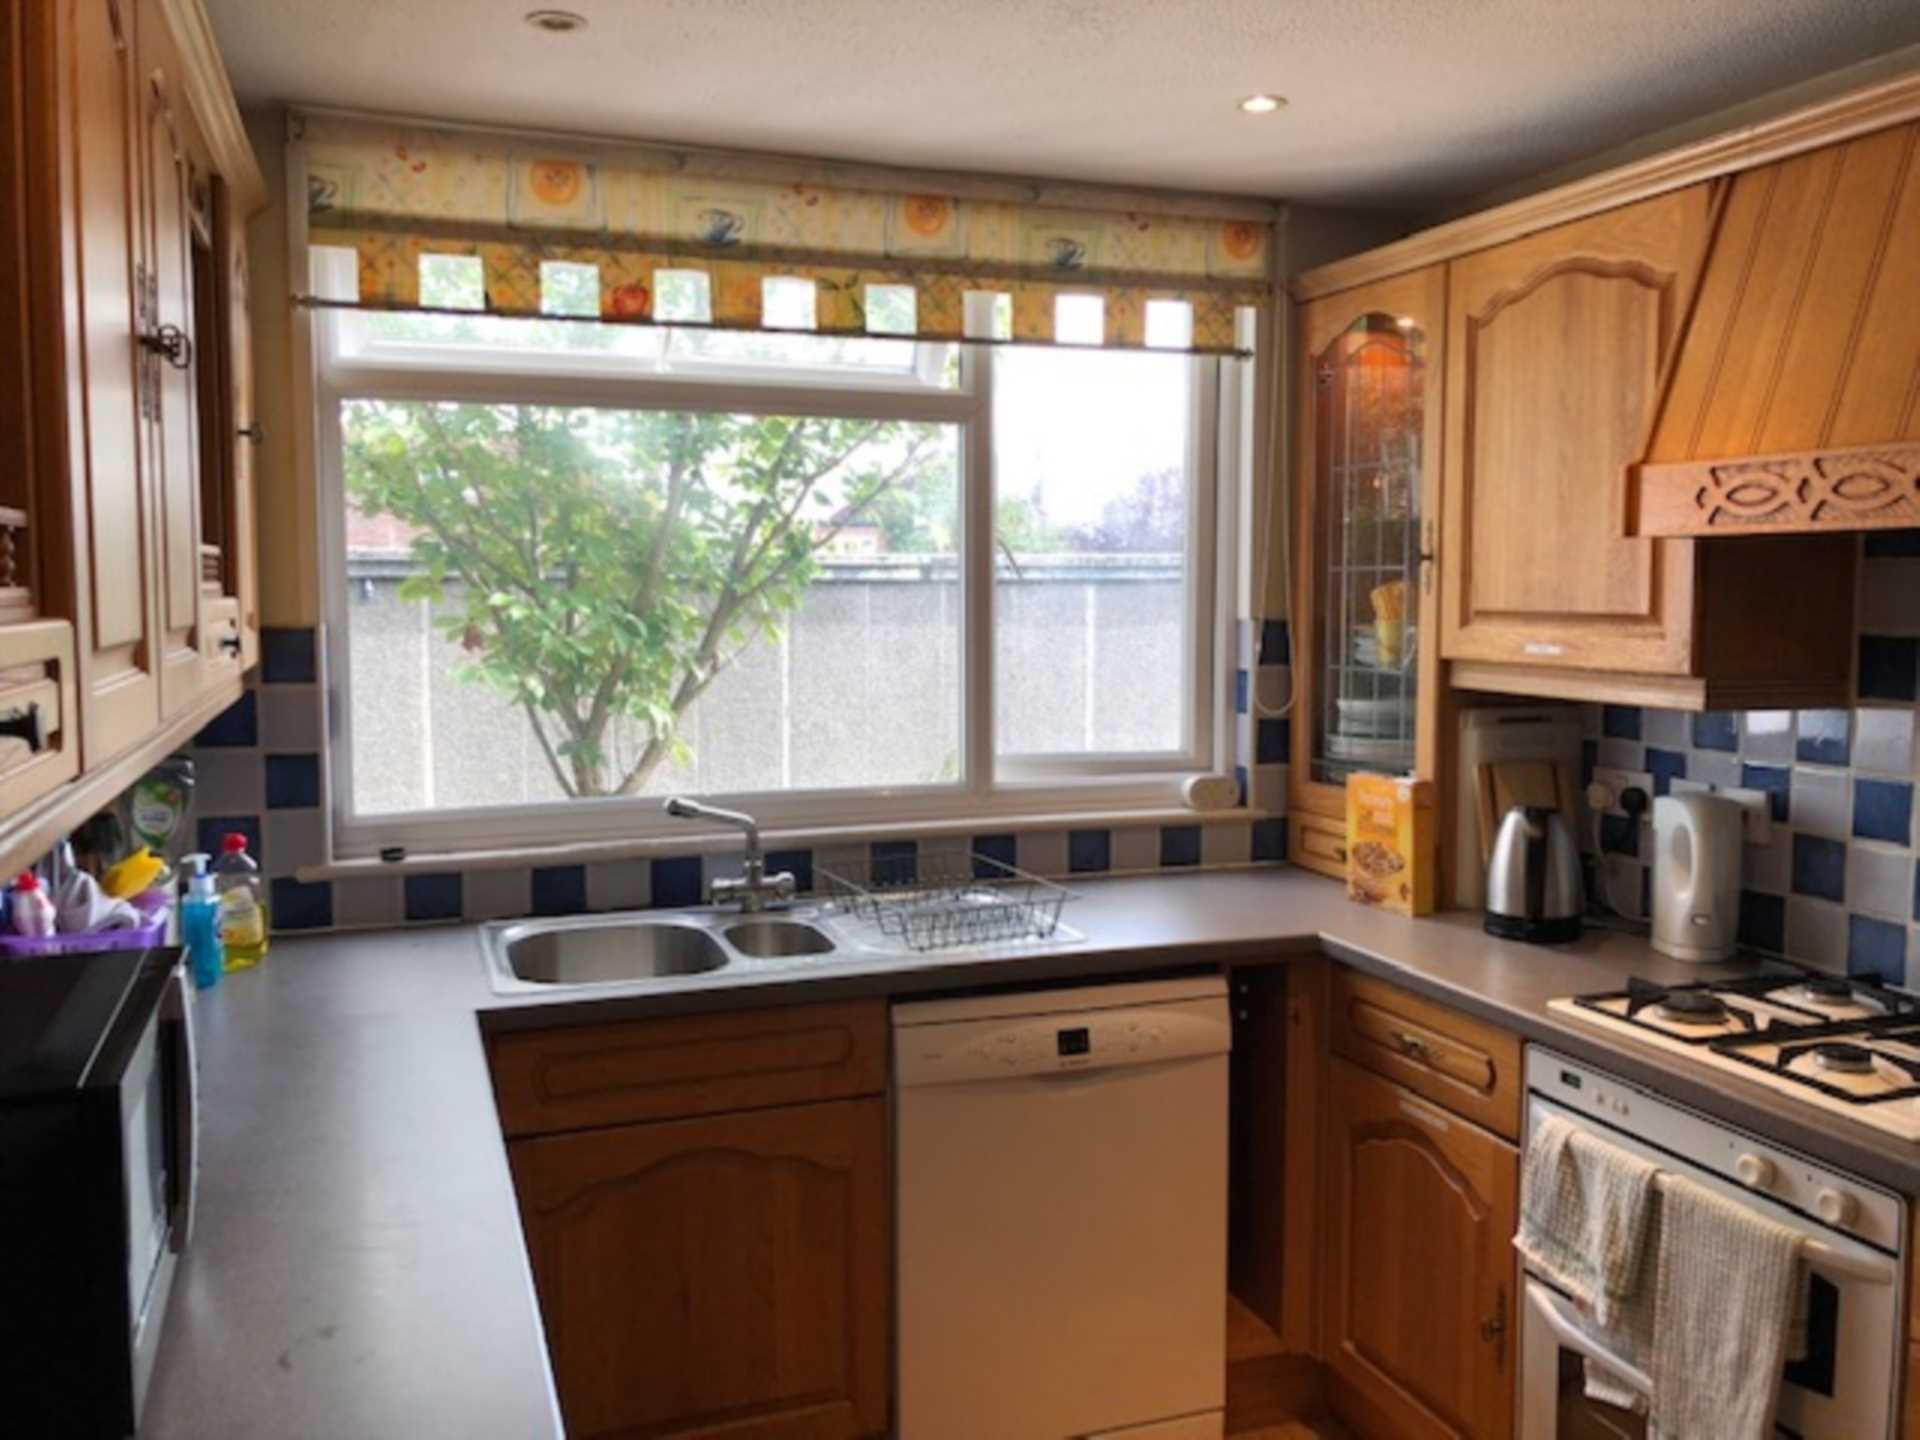 Room 4, 1 Windsor Close, Onslow Village, Guildford, GU2 7QU, Image 6